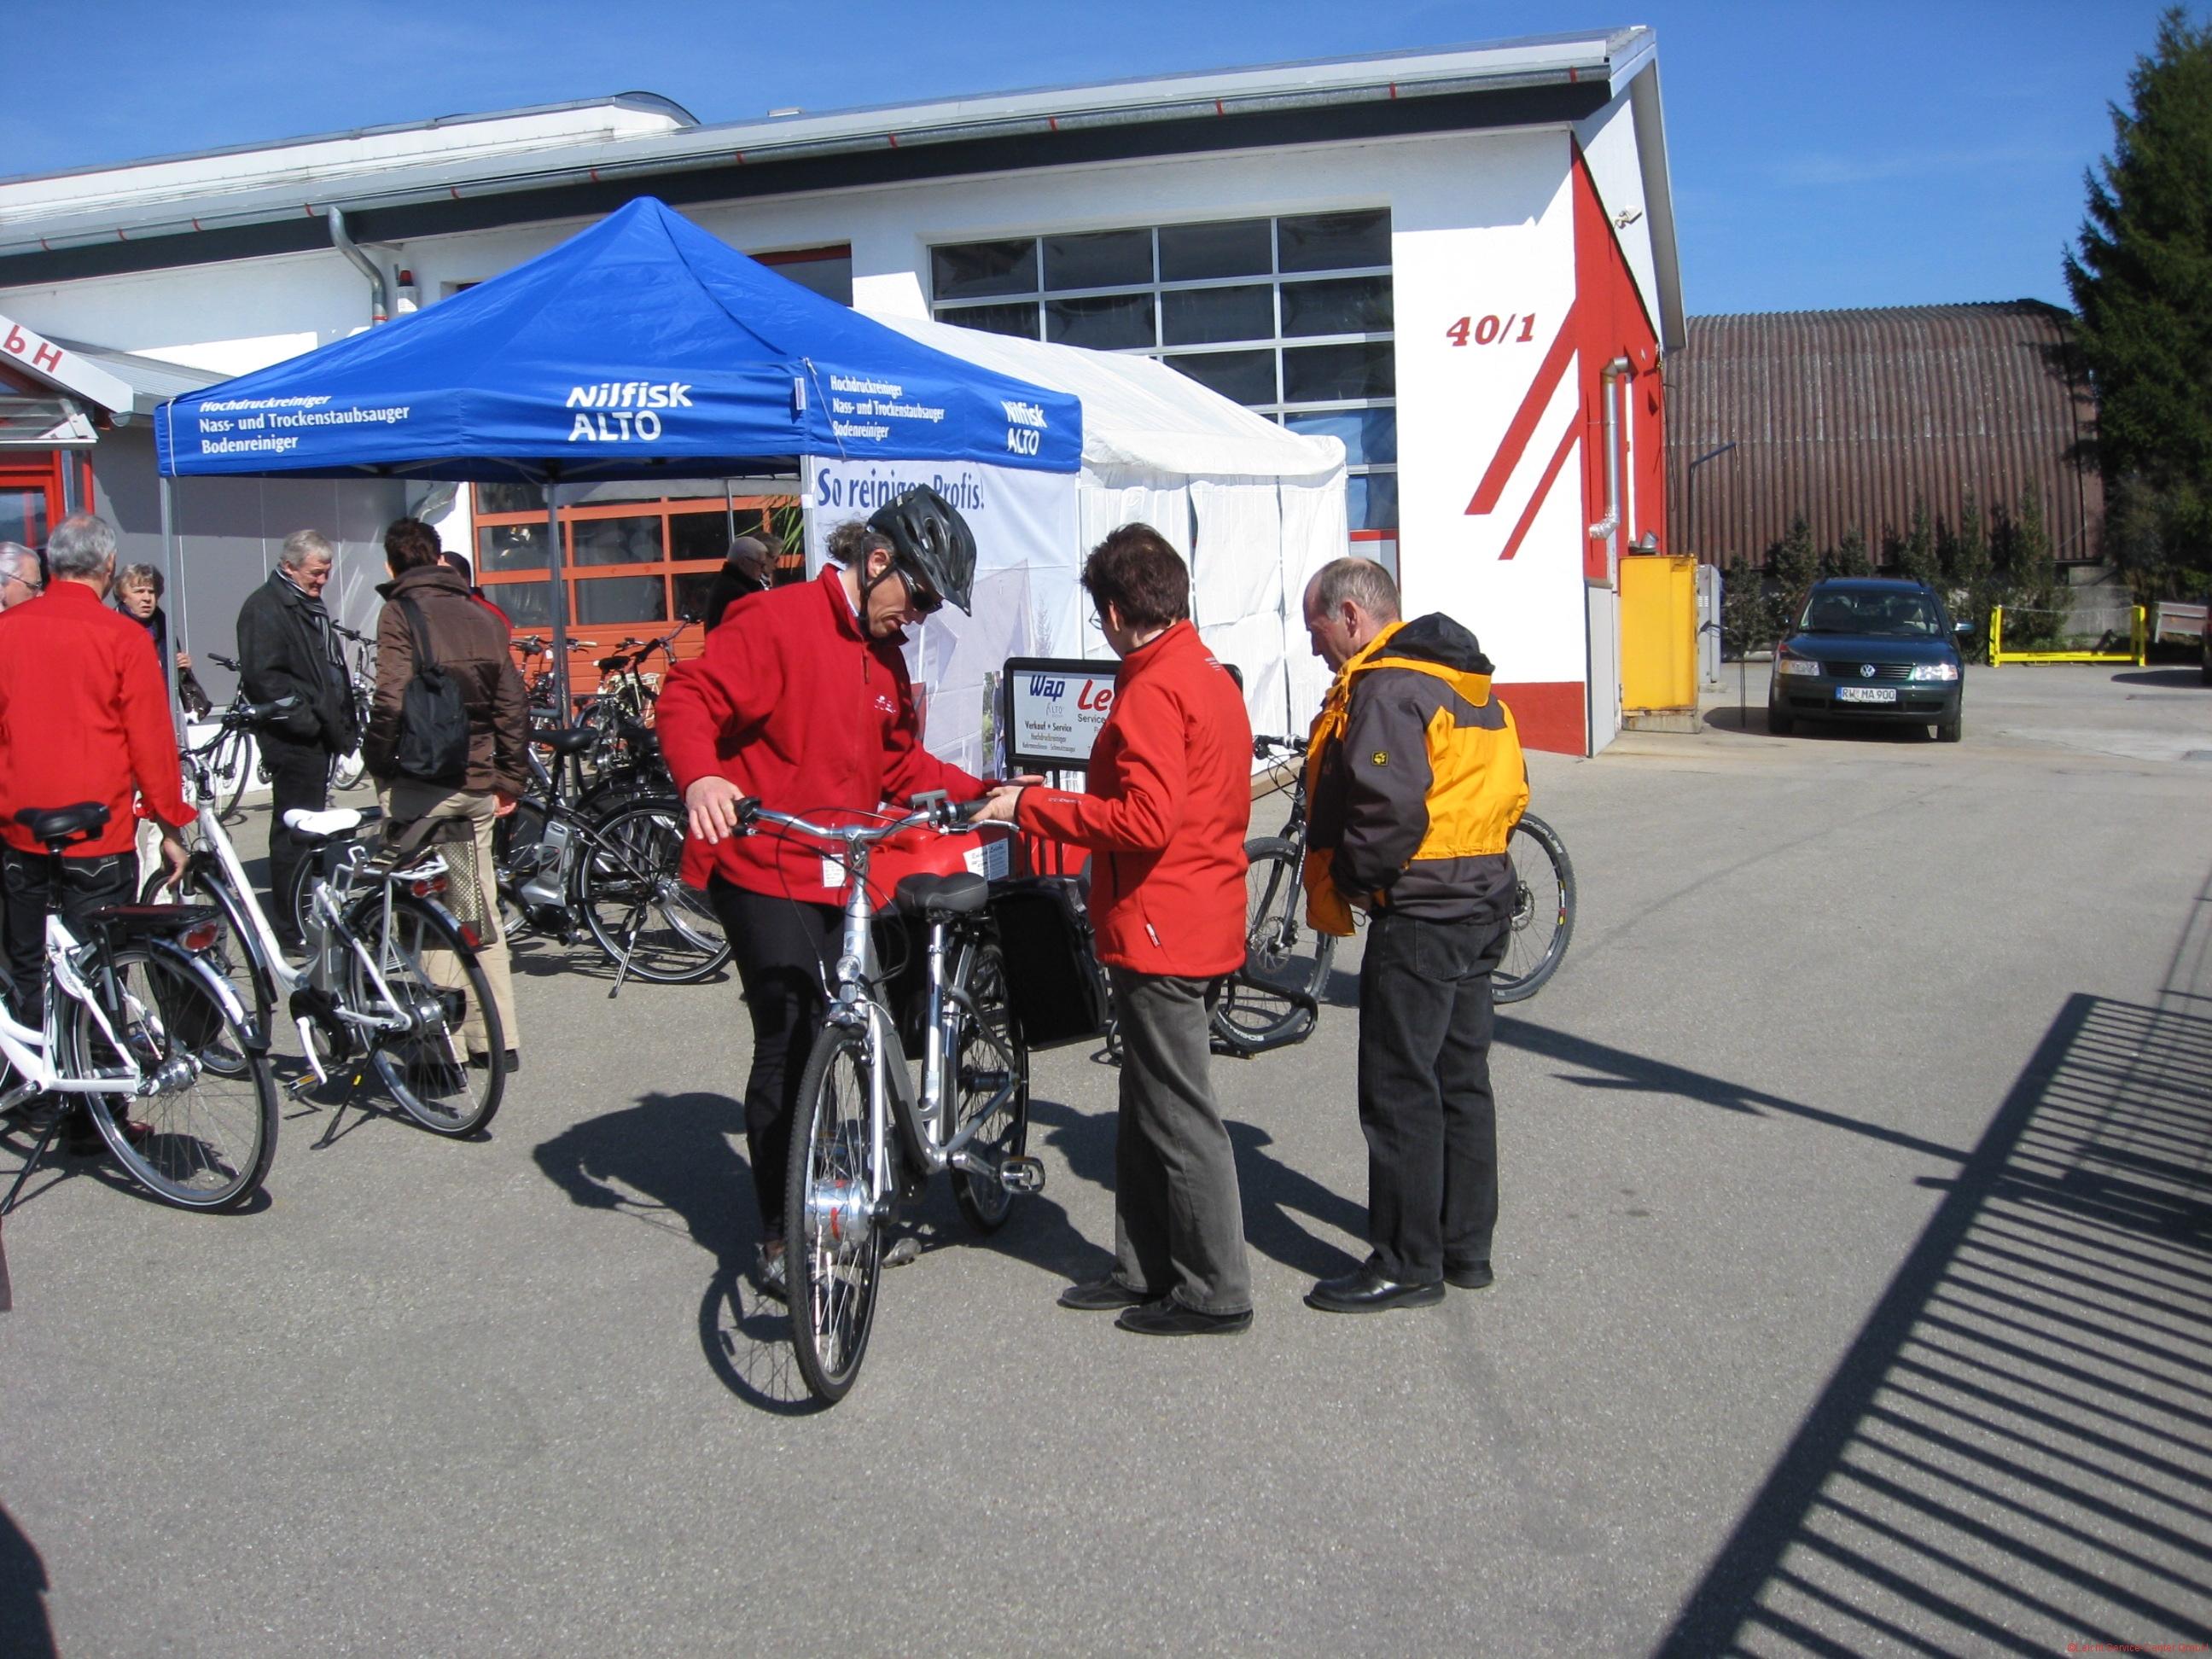 Fahrrad-Sonderschau 2011-03-20 14-49-17